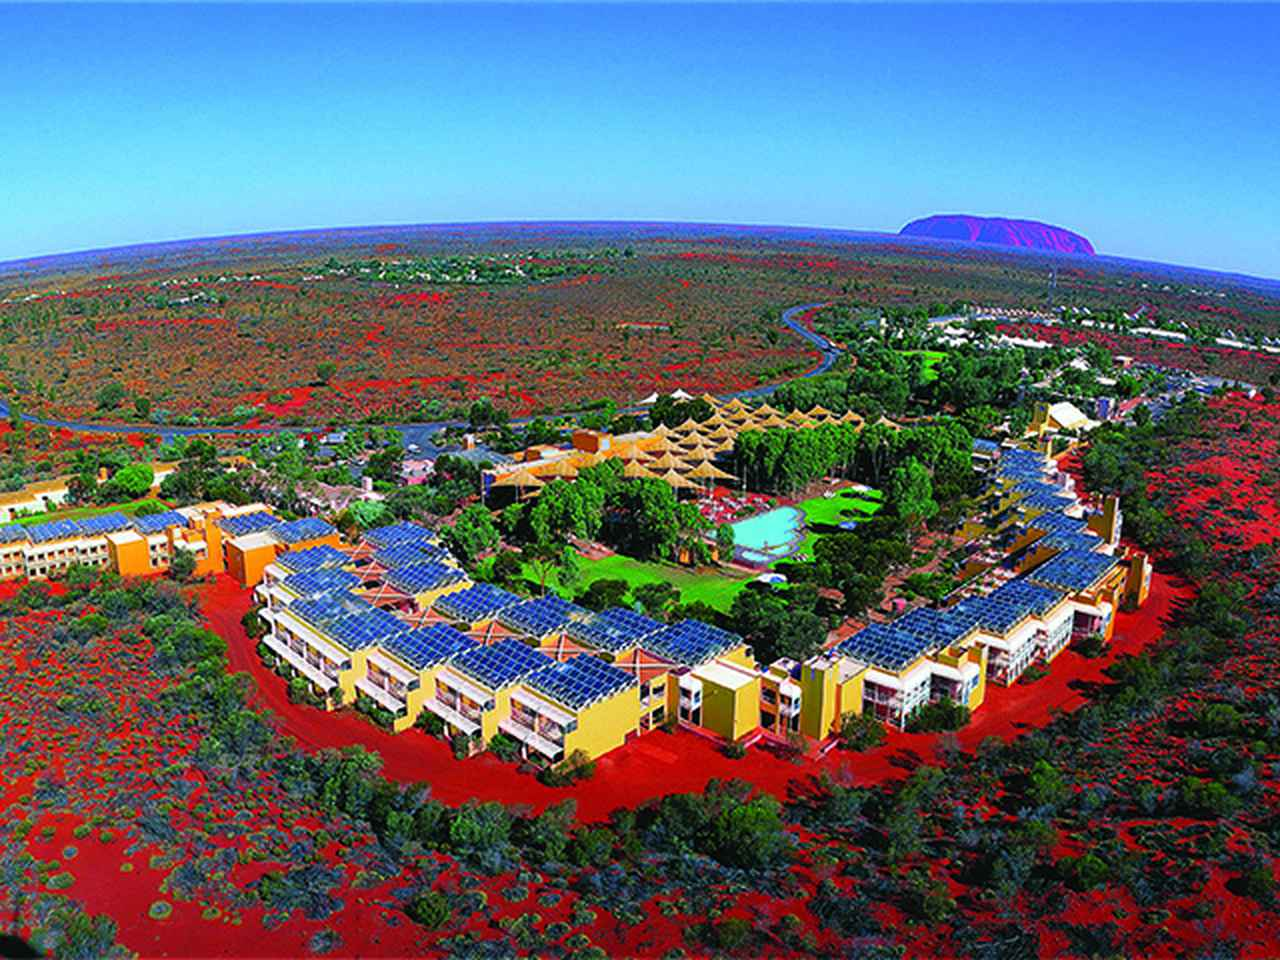 画像: エアーズロックリゾート空撮 ©Voyages Indigenous Tourism Australia ホテルは平家も多くあるが最大でも3階建。景観を遮らないよう丘の高さ以上の建物は建てられない。ちなみに、この画像の中にスタッフの住宅はうつっておりません。(数ヶ所ある中で1ヶ所は、画像の左側の方にあります。あと数cmくらい映る広角ショットでしたら入っていました(笑)。いや、あえて映らないようにしてるのですかね)